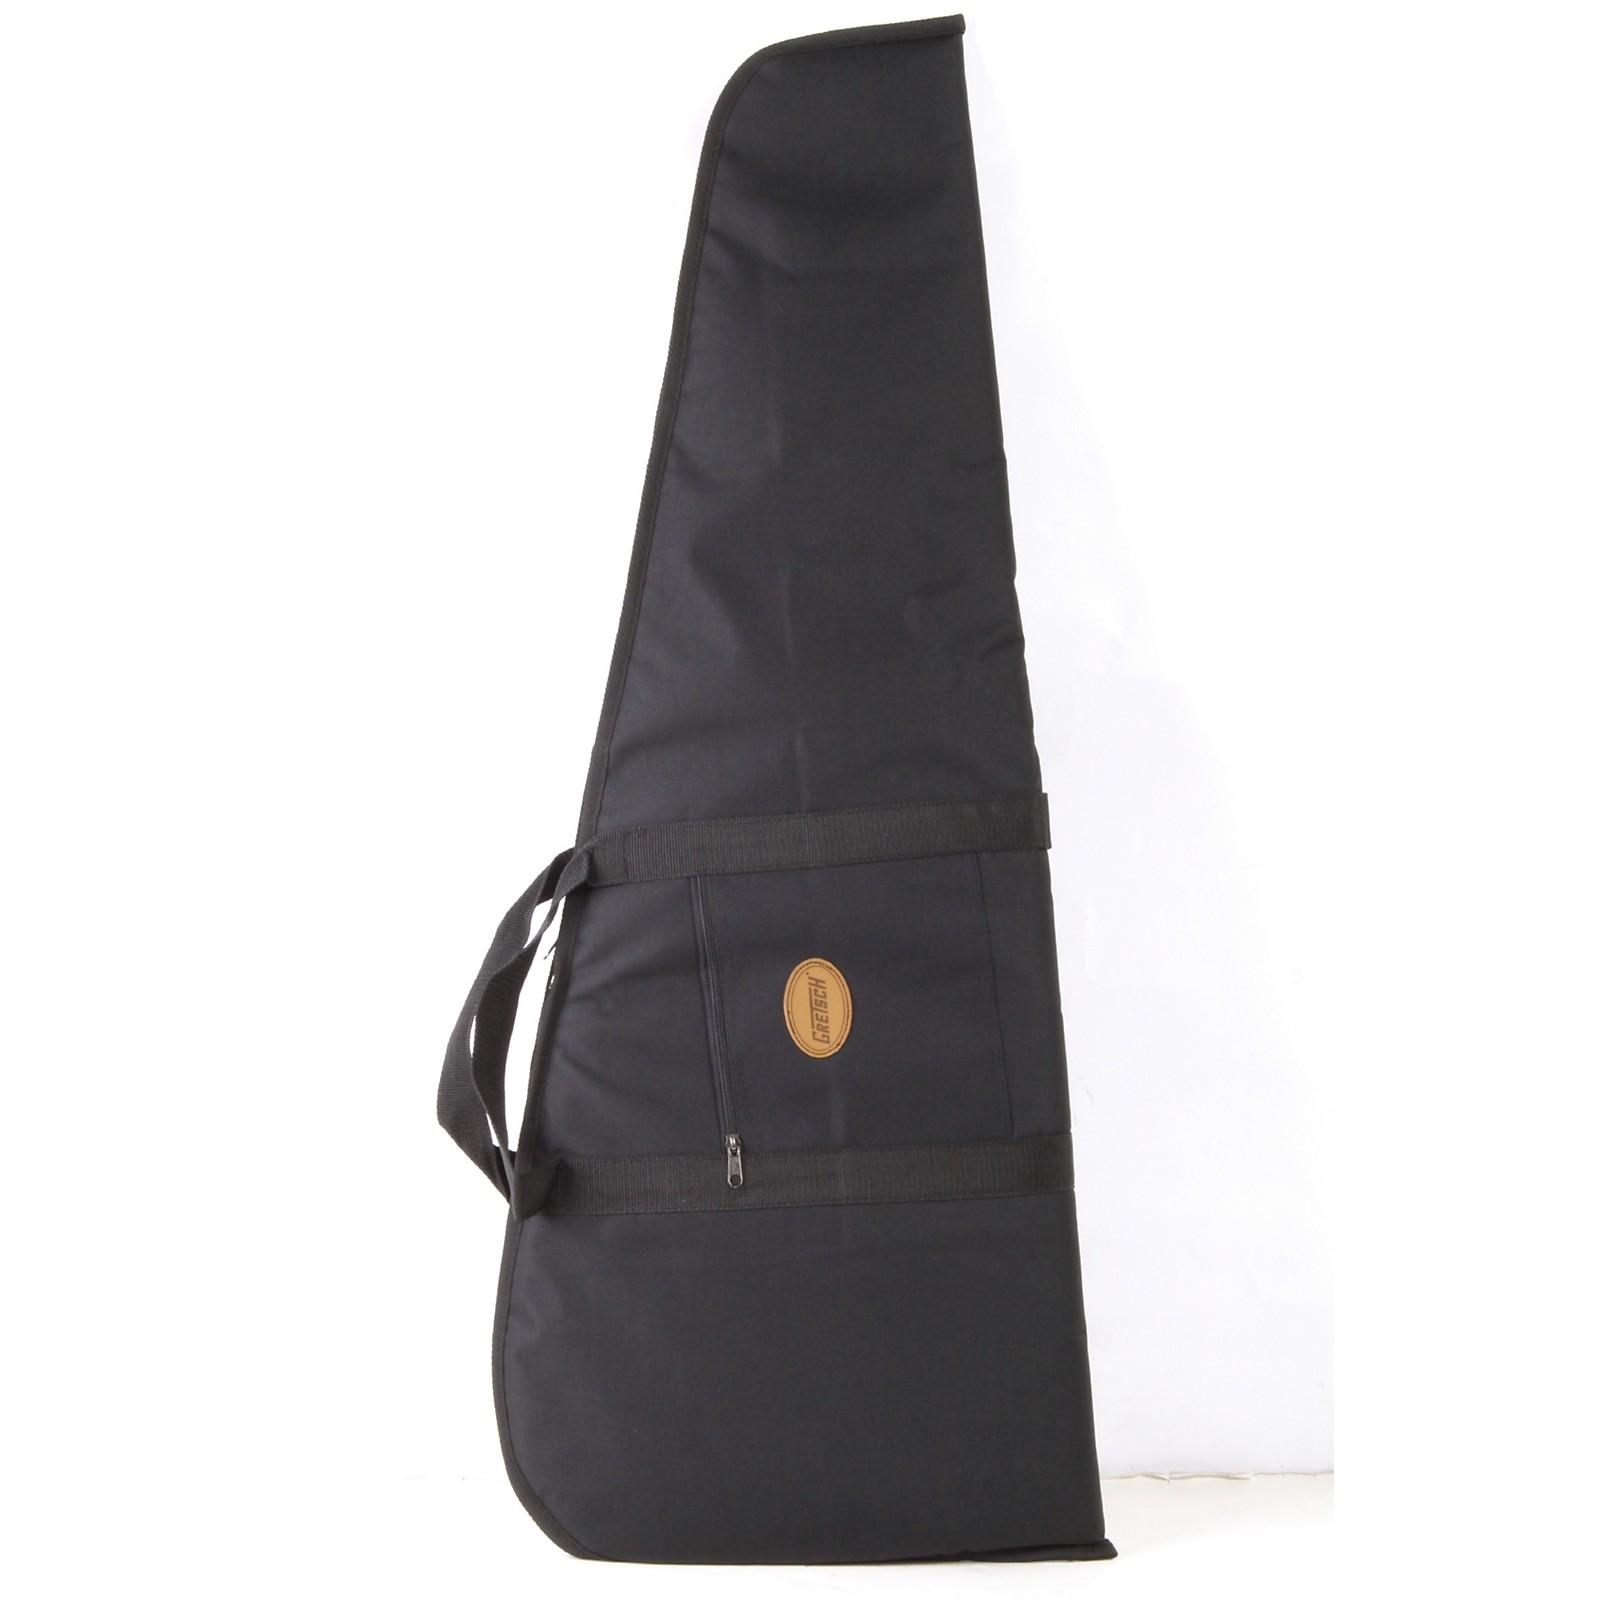 Gretsch Guitars G2164 Jet Solid Body Gig Bag